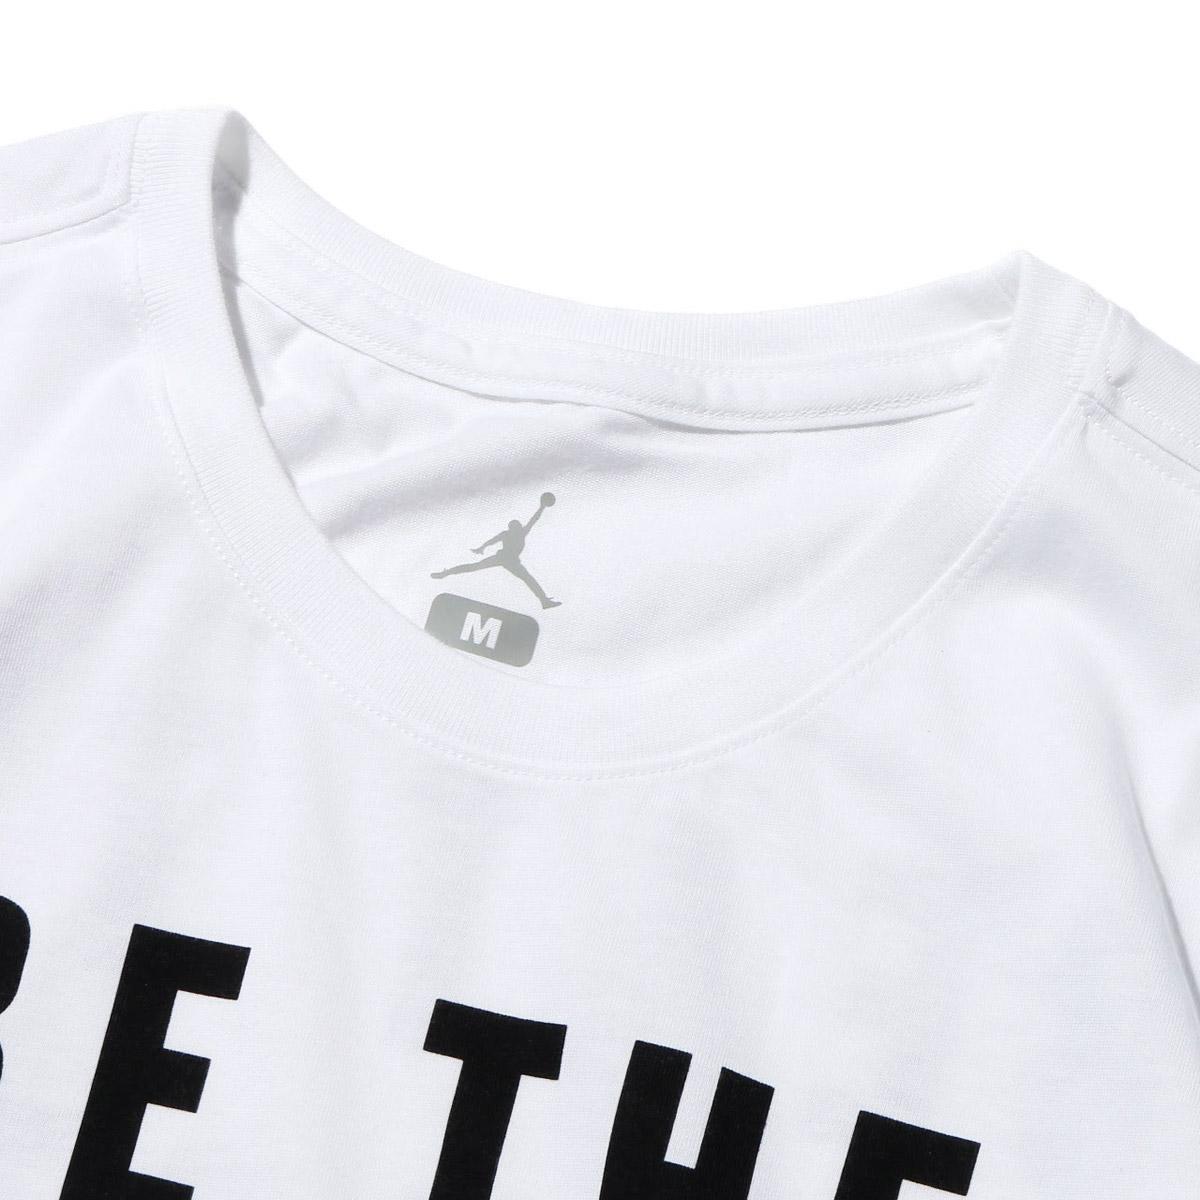 763e6d485fa036 NIKE BEAT THE BEST DRI-FIT TEE (Jordan BEAT THE BEST S ST shirt) WHITE UNIVERSITY  RED 17FA-I